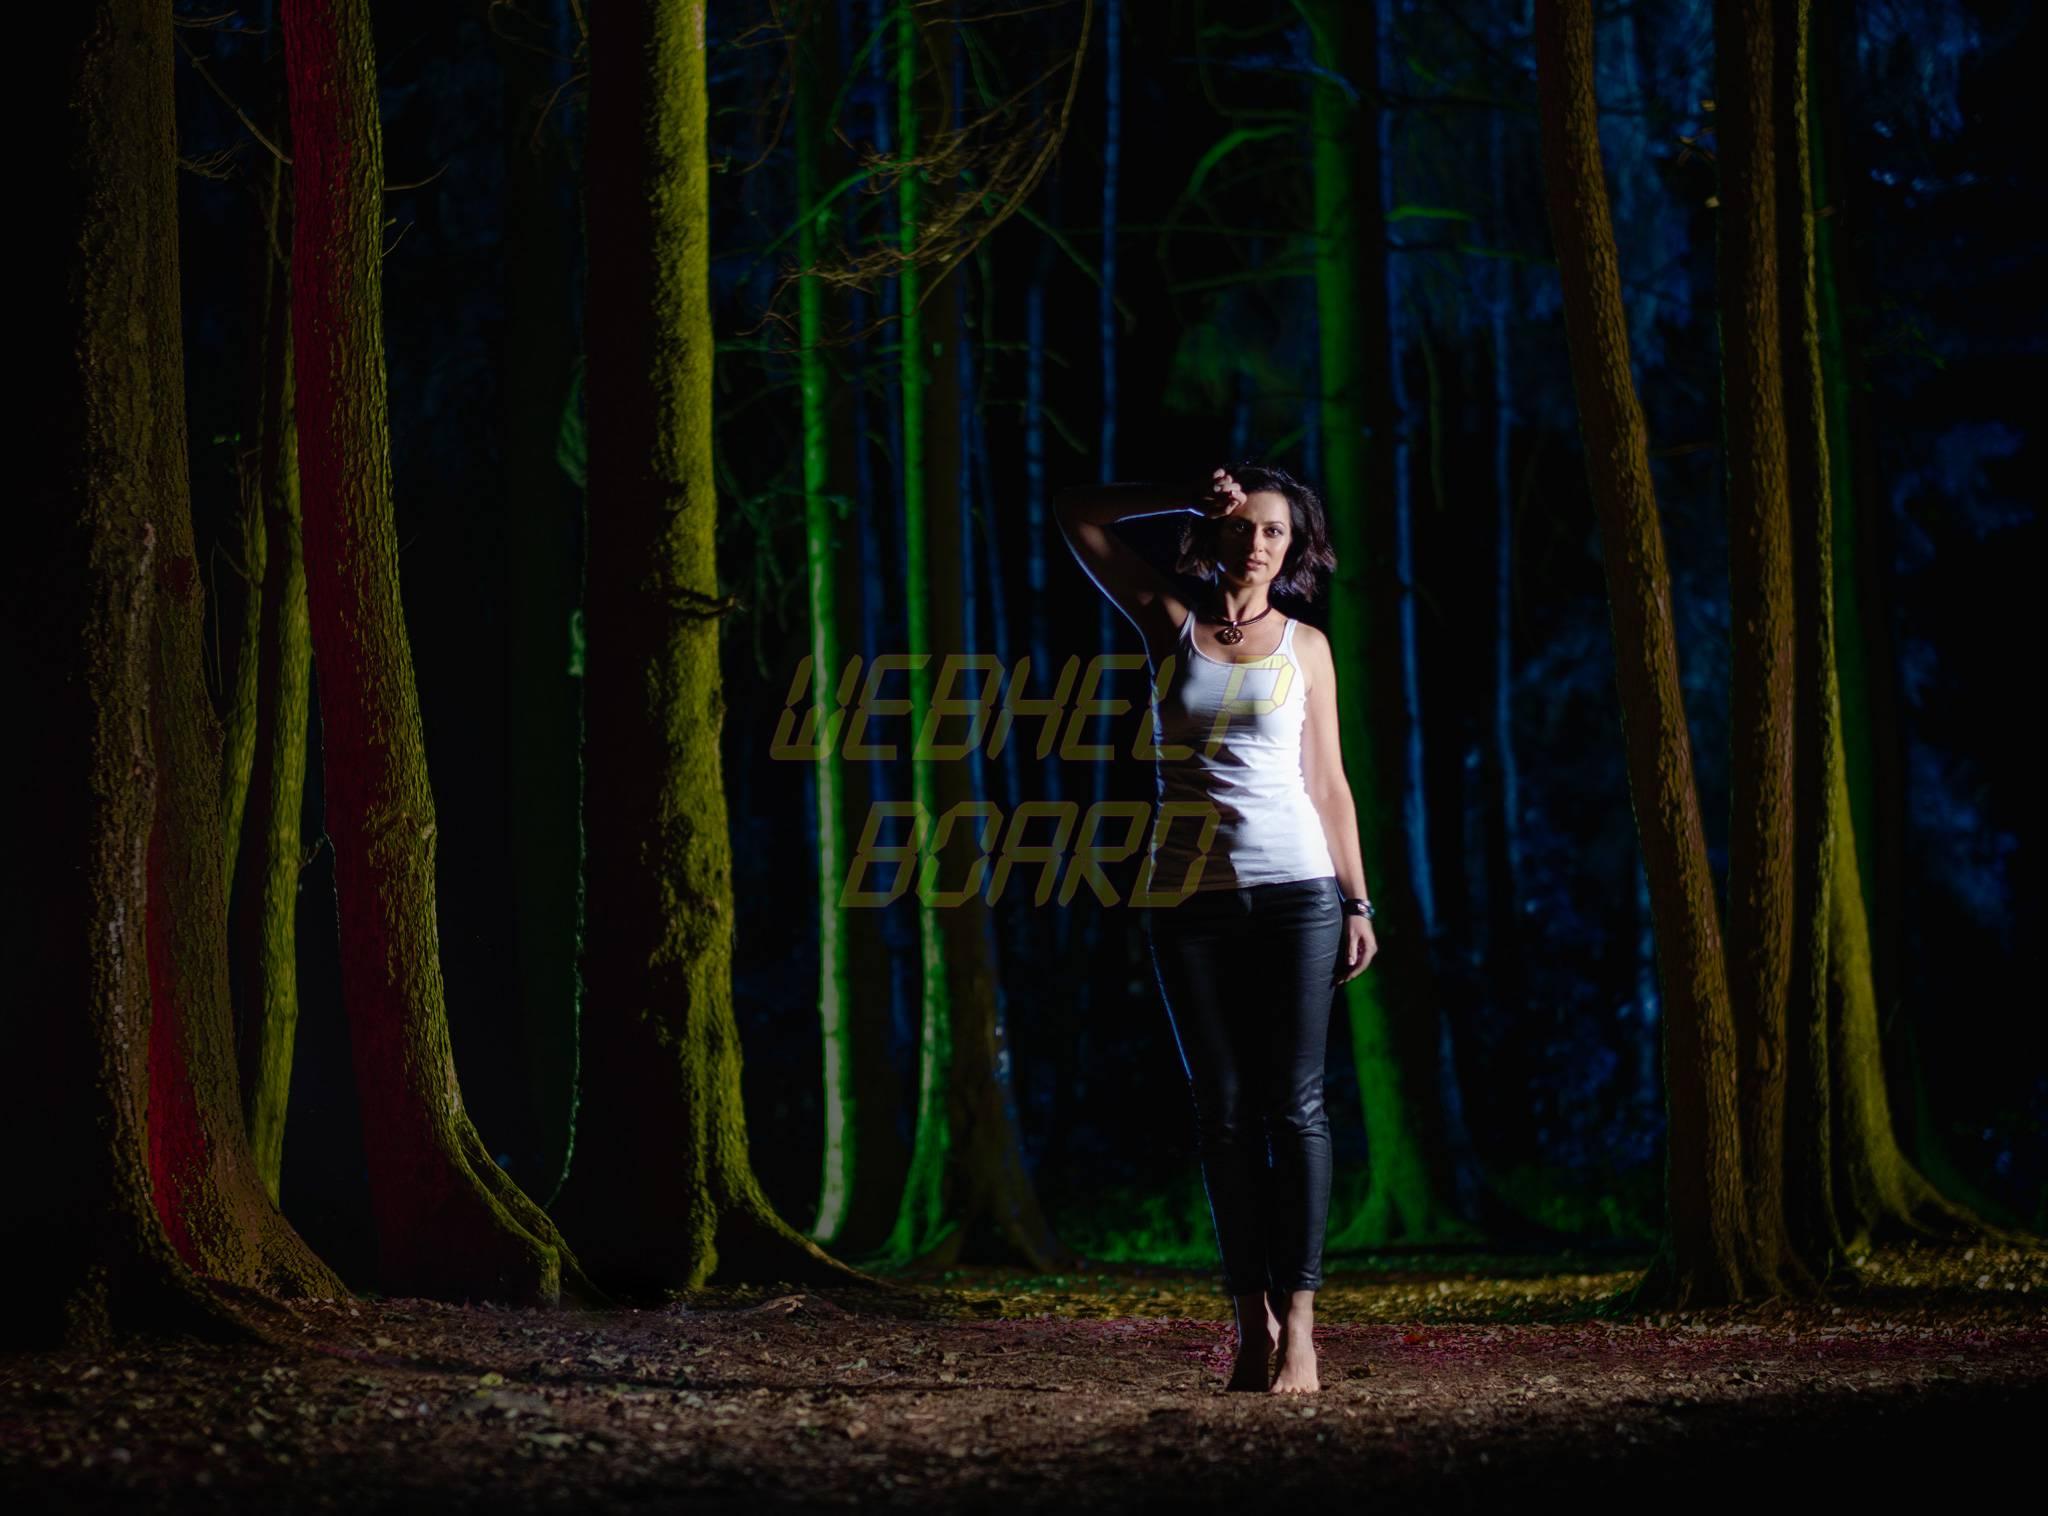 light-painting-portrait-forest